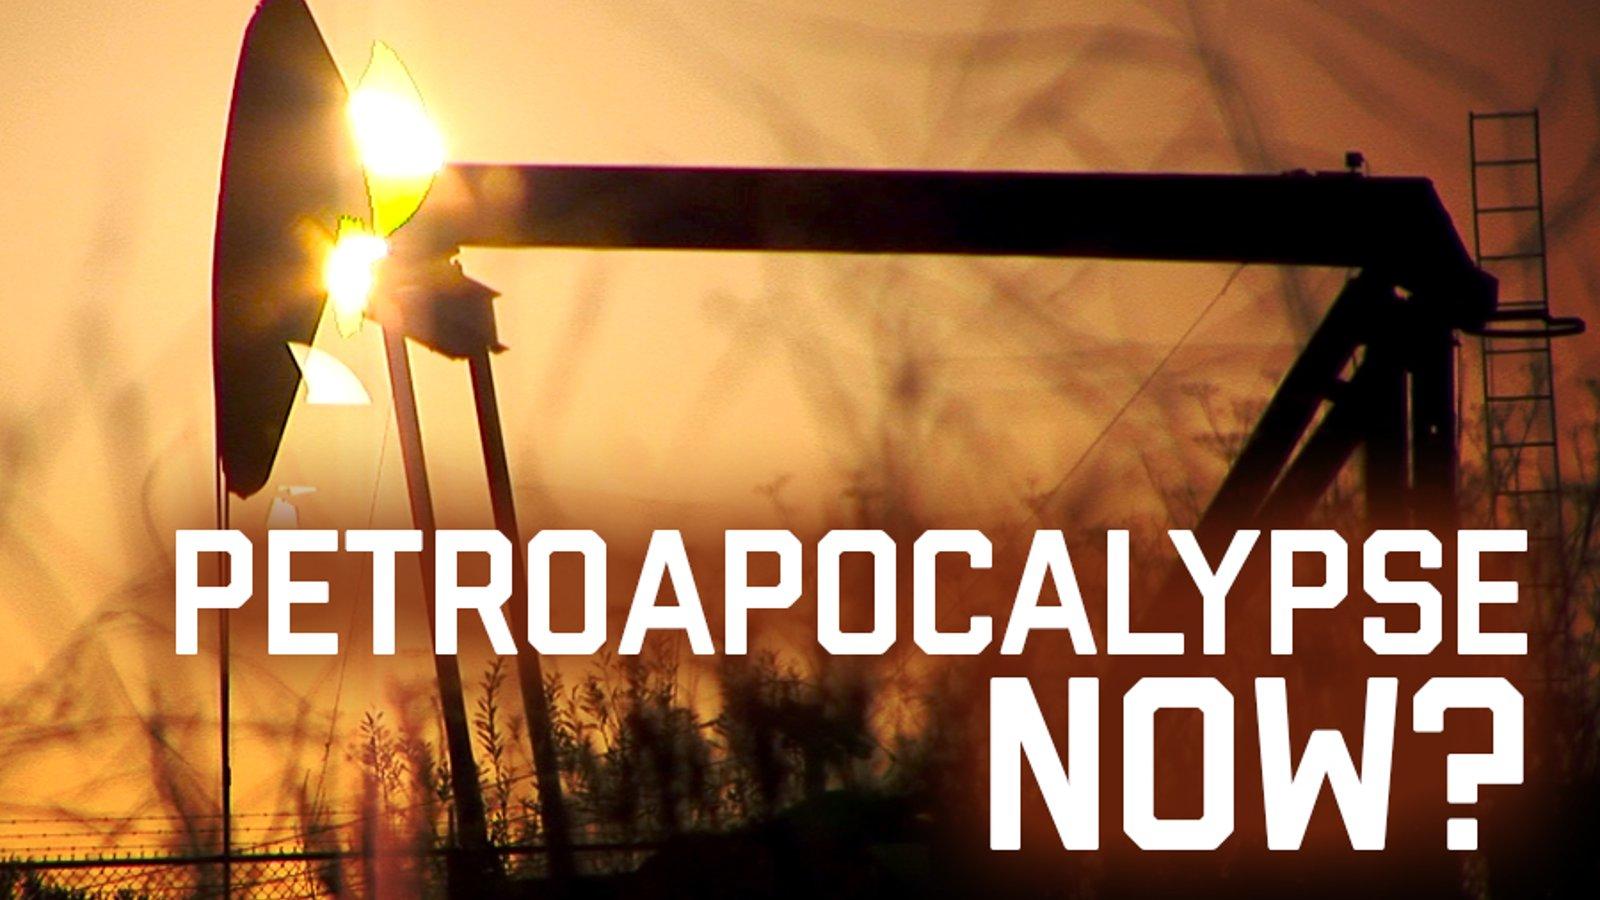 Petroapocalypse Now?